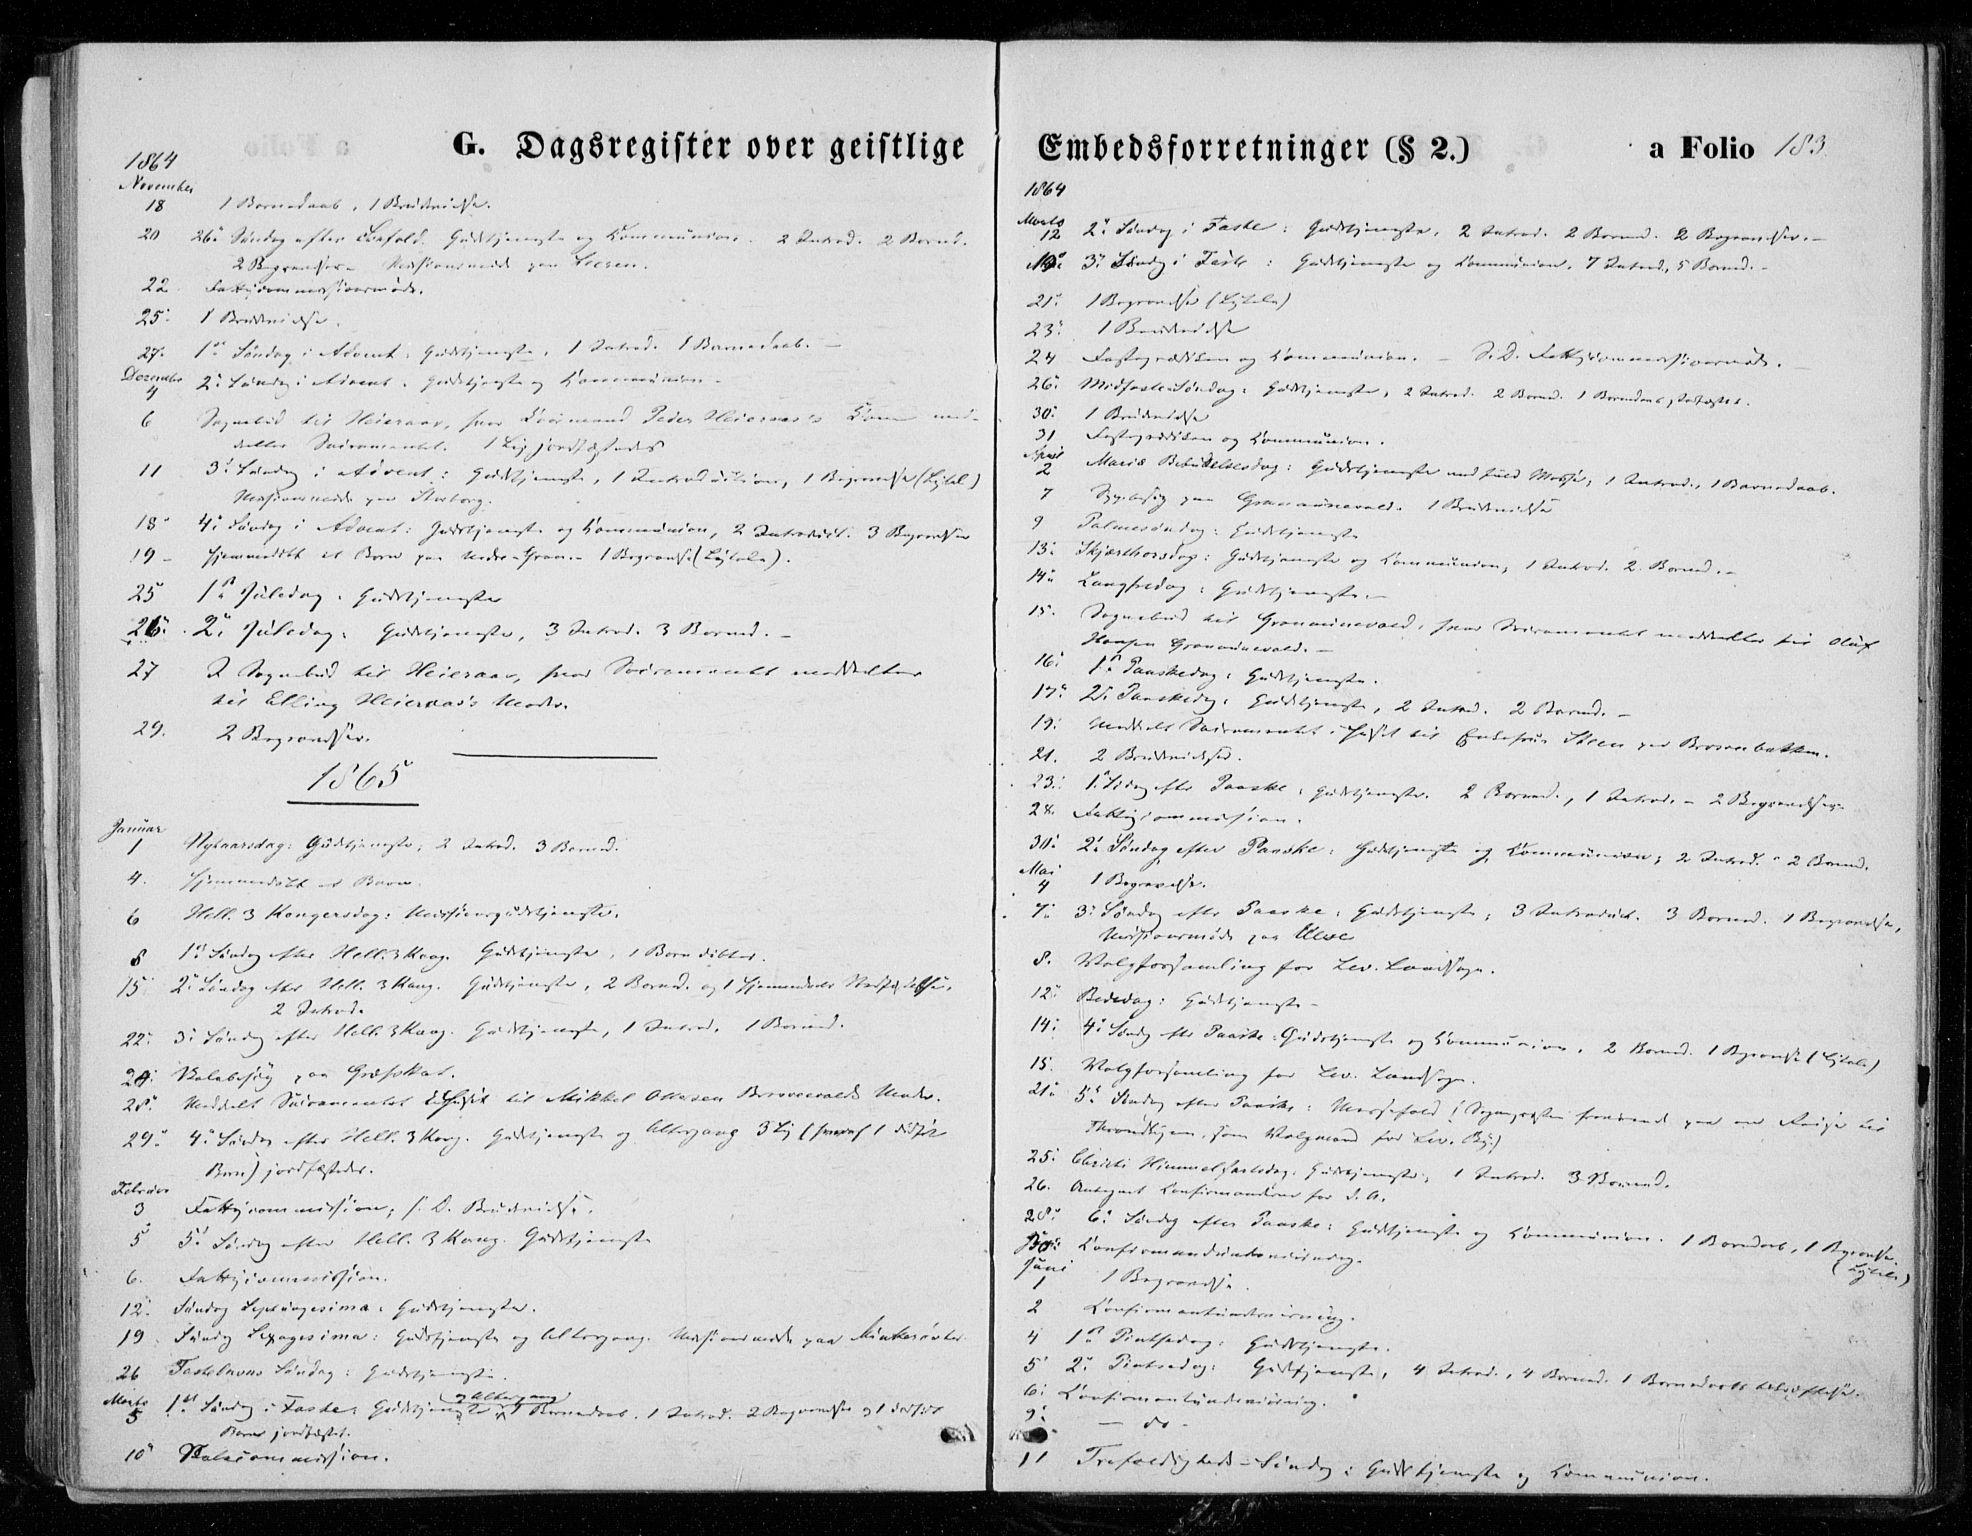 SAT, Ministerialprotokoller, klokkerbøker og fødselsregistre - Nord-Trøndelag, 721/L0206: Ministerialbok nr. 721A01, 1864-1874, s. 183